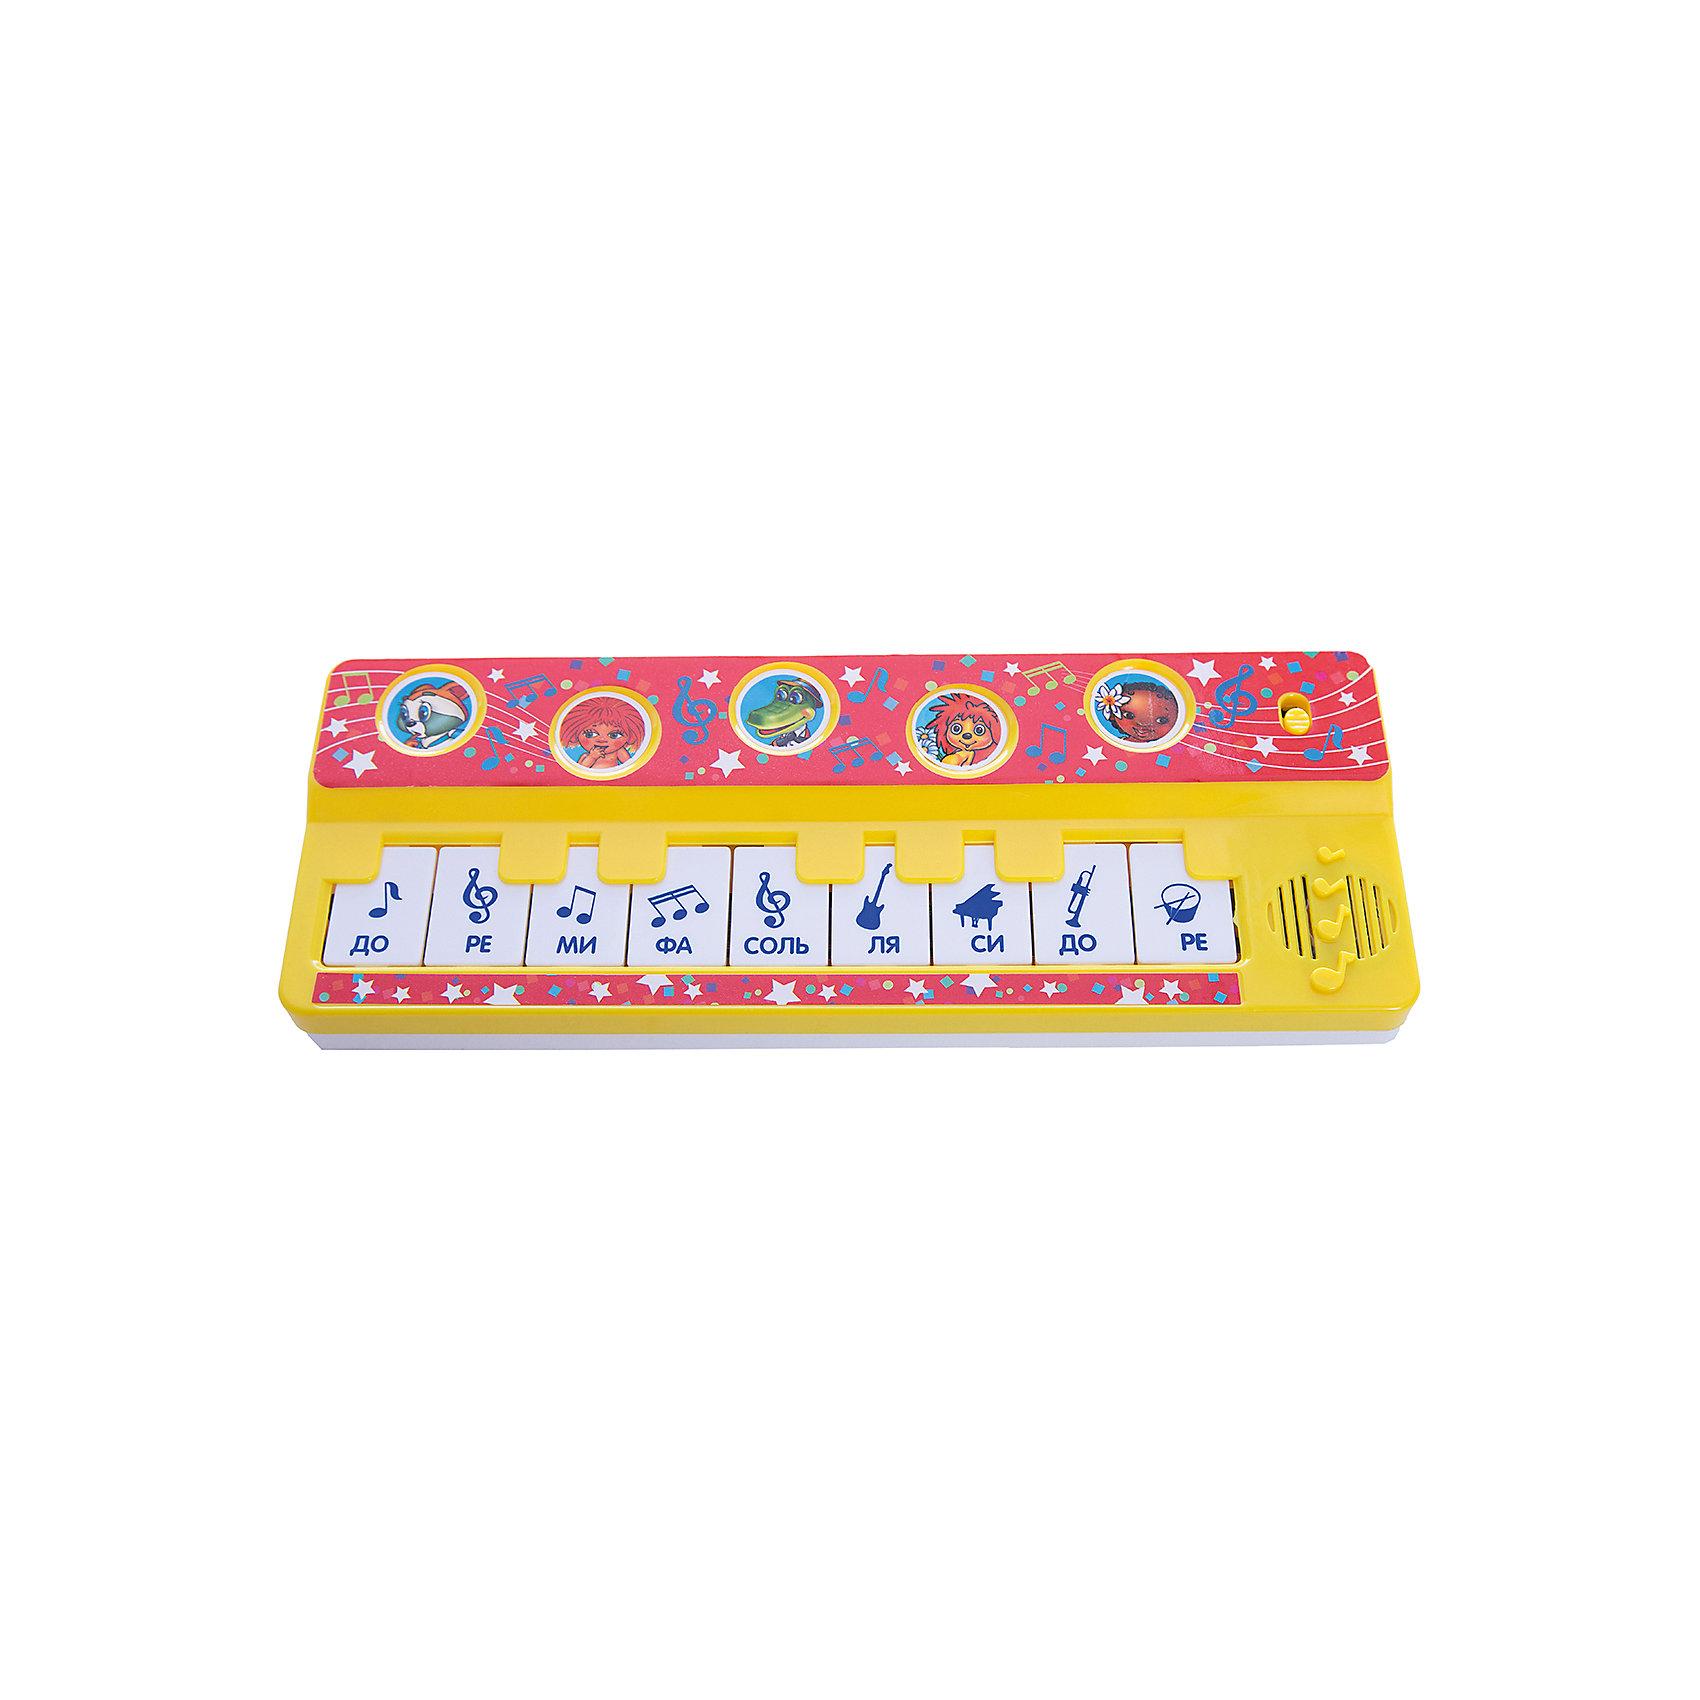 Пианино с песнями, В. Шаинского, УмкаИнтерактивные игрушки для малышей<br><br><br>Ширина мм: 240<br>Глубина мм: 30<br>Высота мм: 90<br>Вес г: 160<br>Возраст от месяцев: 36<br>Возраст до месяцев: 60<br>Пол: Унисекс<br>Возраст: Детский<br>SKU: 6848835